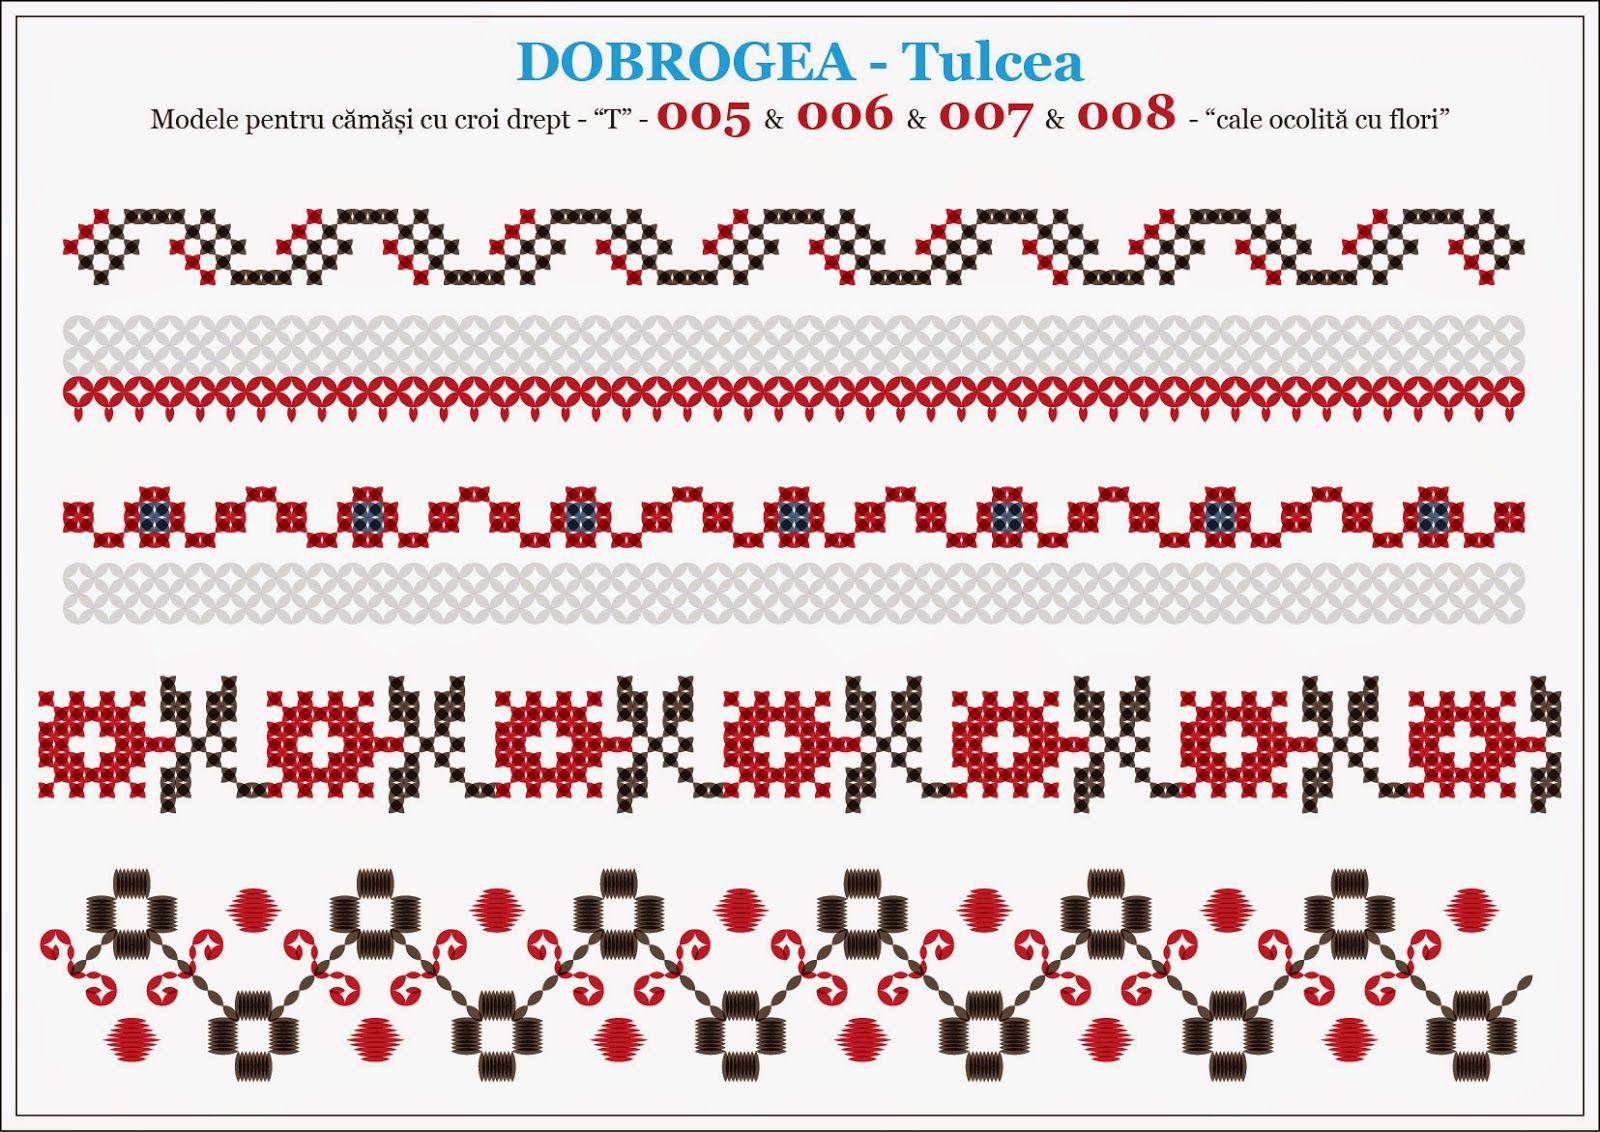 Semne Cusute: modele pentru camasi - DOBROGEA - Tulcea   cusaturi ...